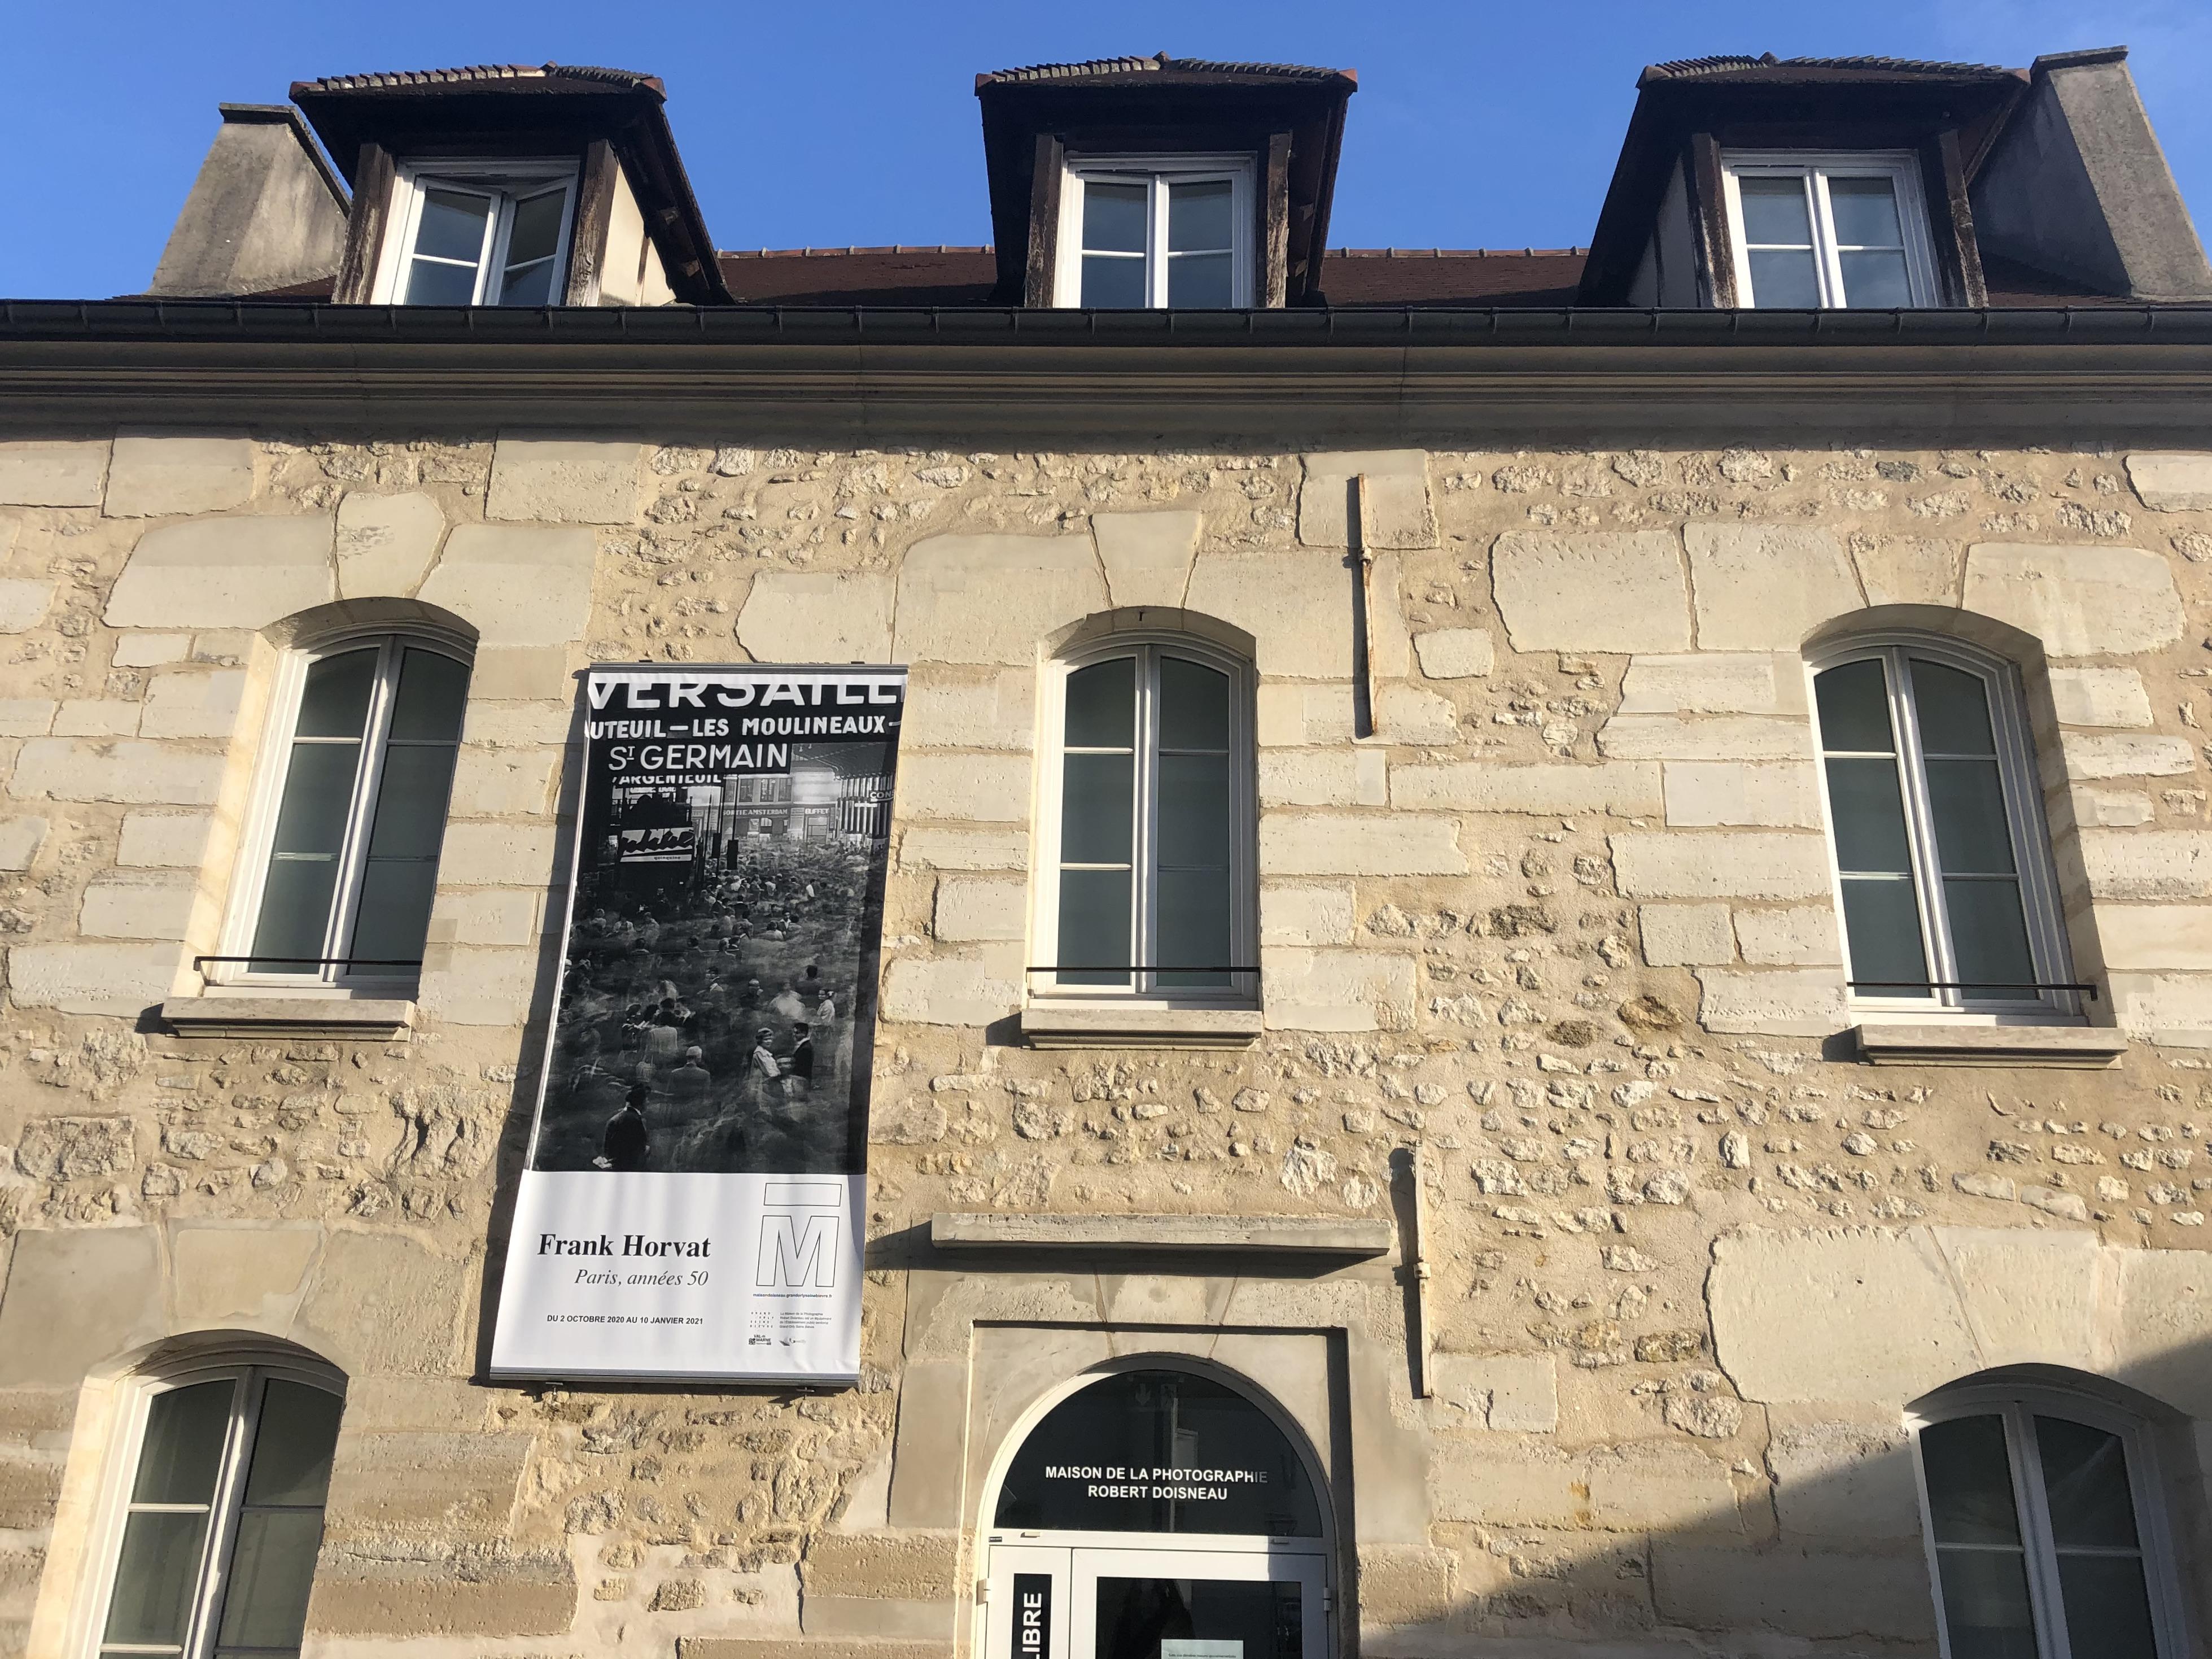 Maison Doisneau à Gentilly. Exposition Frak Horvat